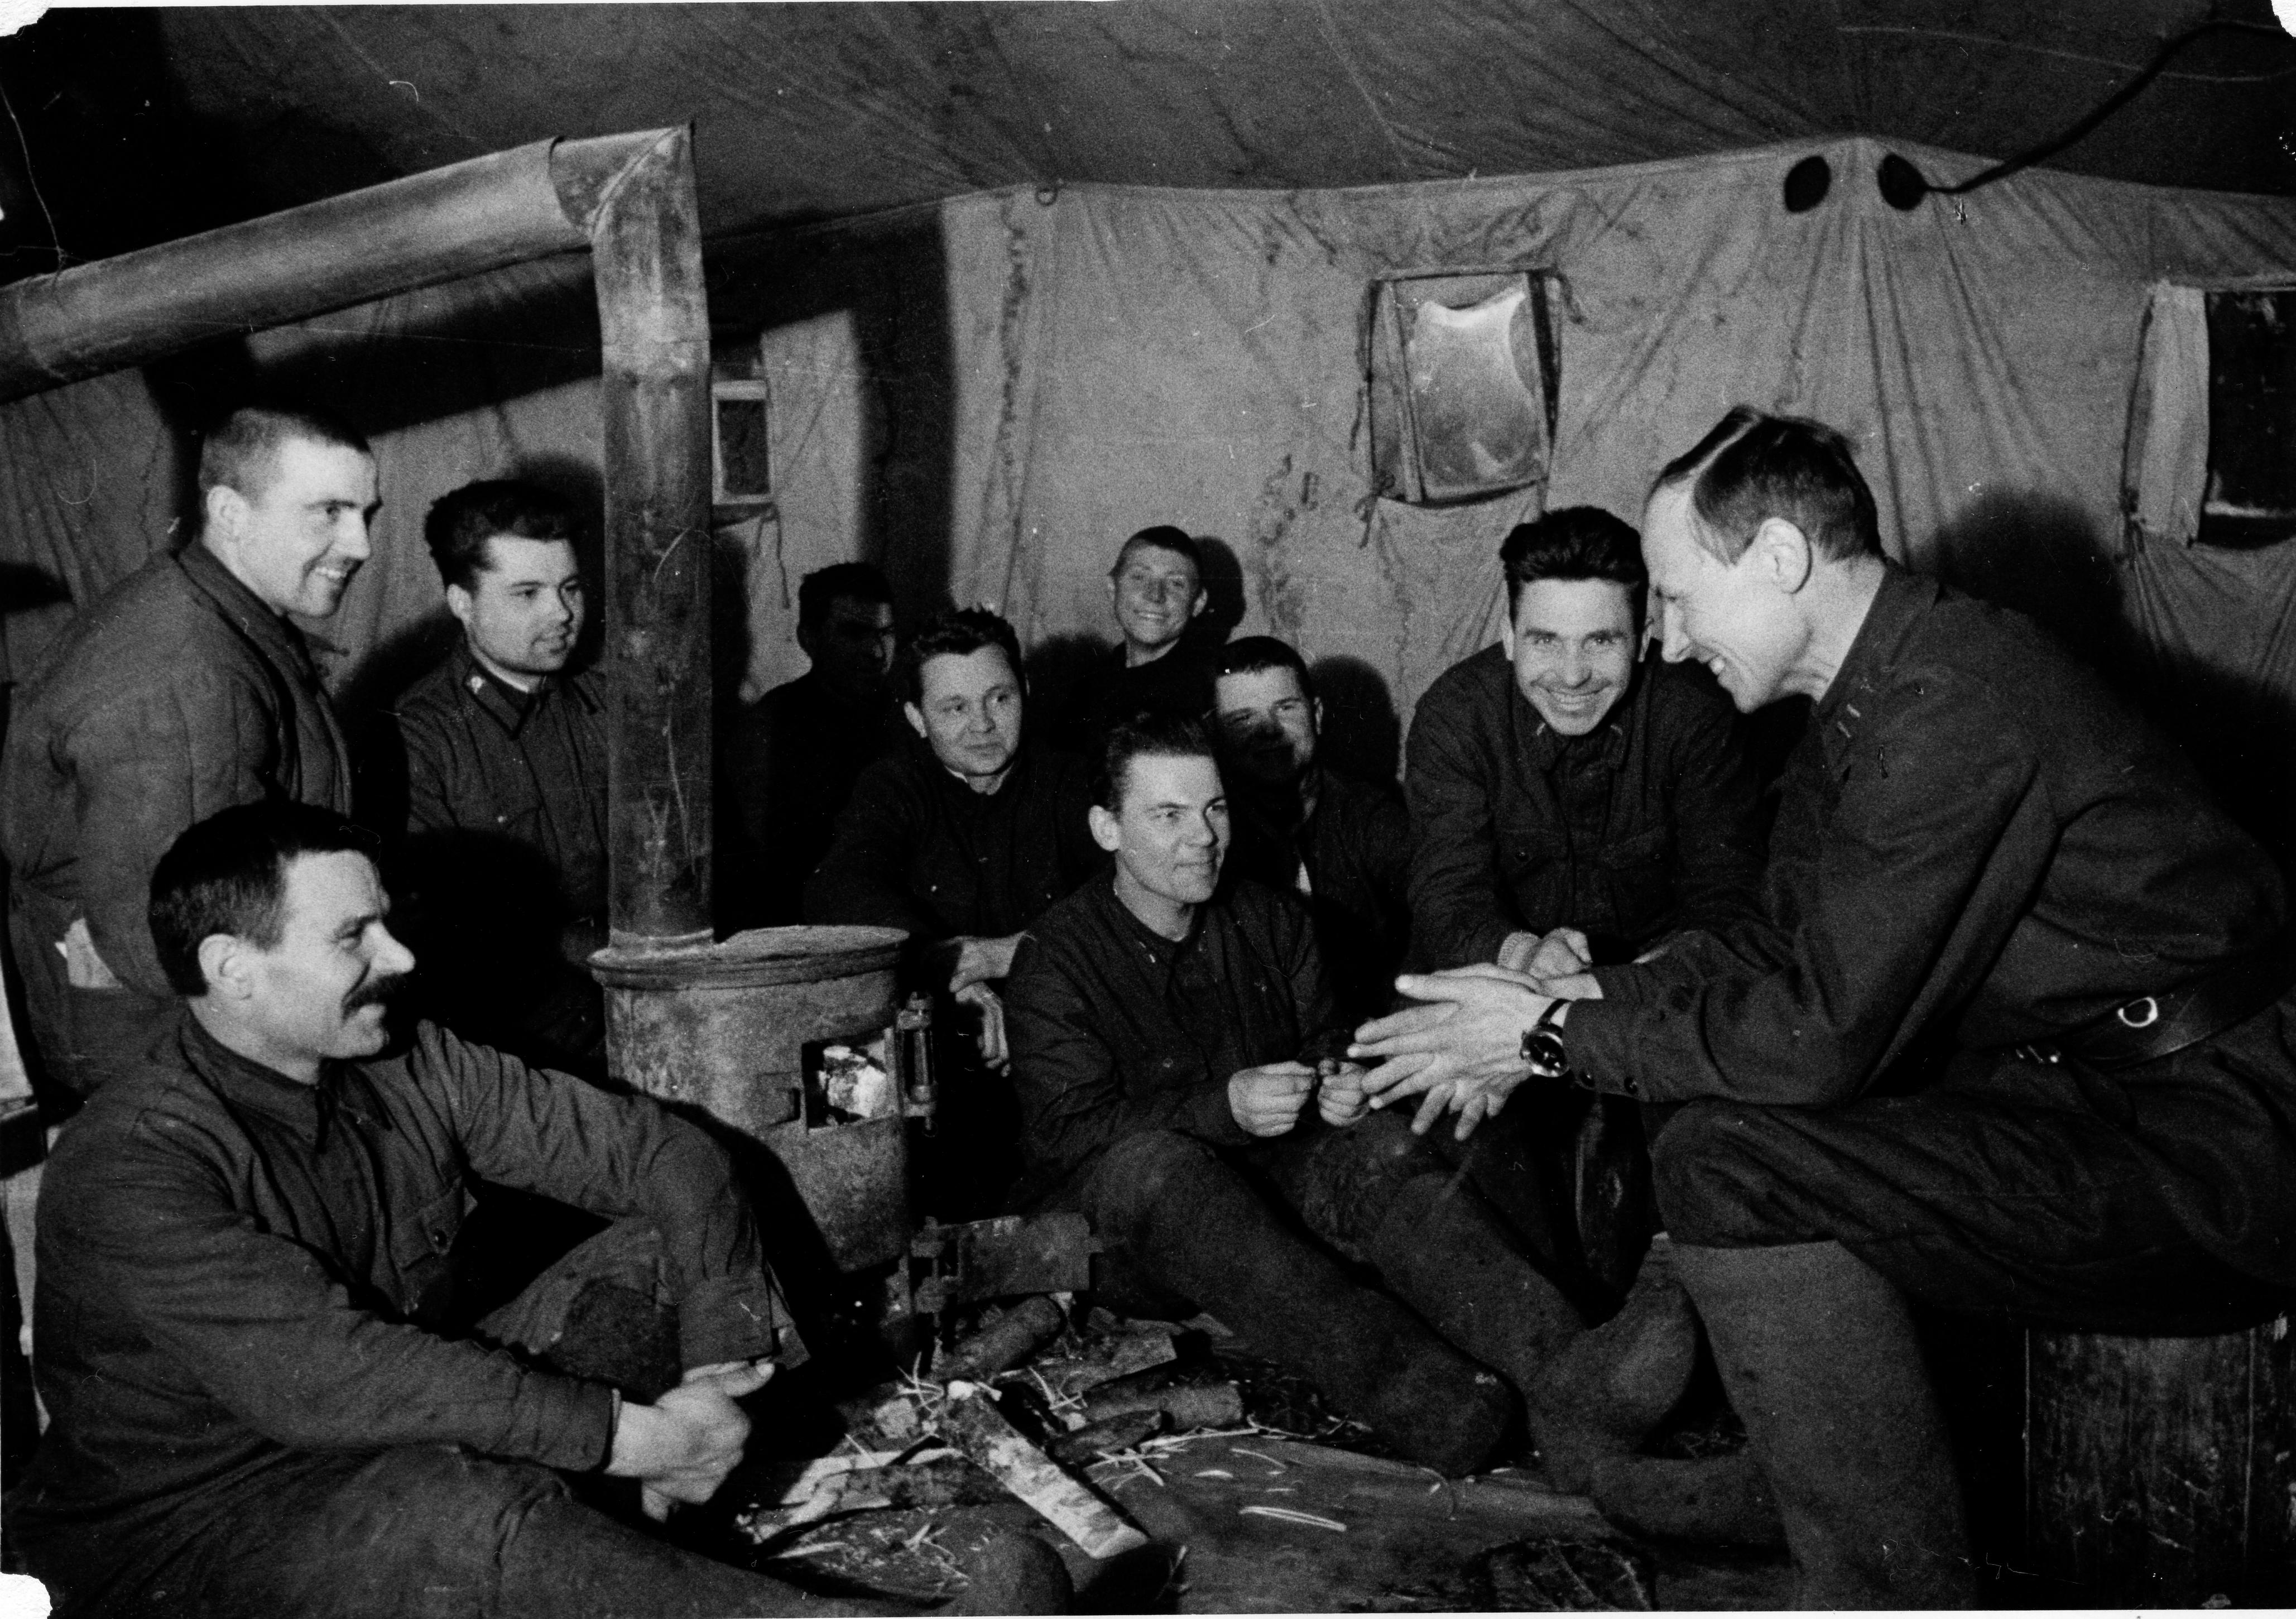 Офицеры одной из советских стрелковых частей в минуты отдыха во время битвы за Москву